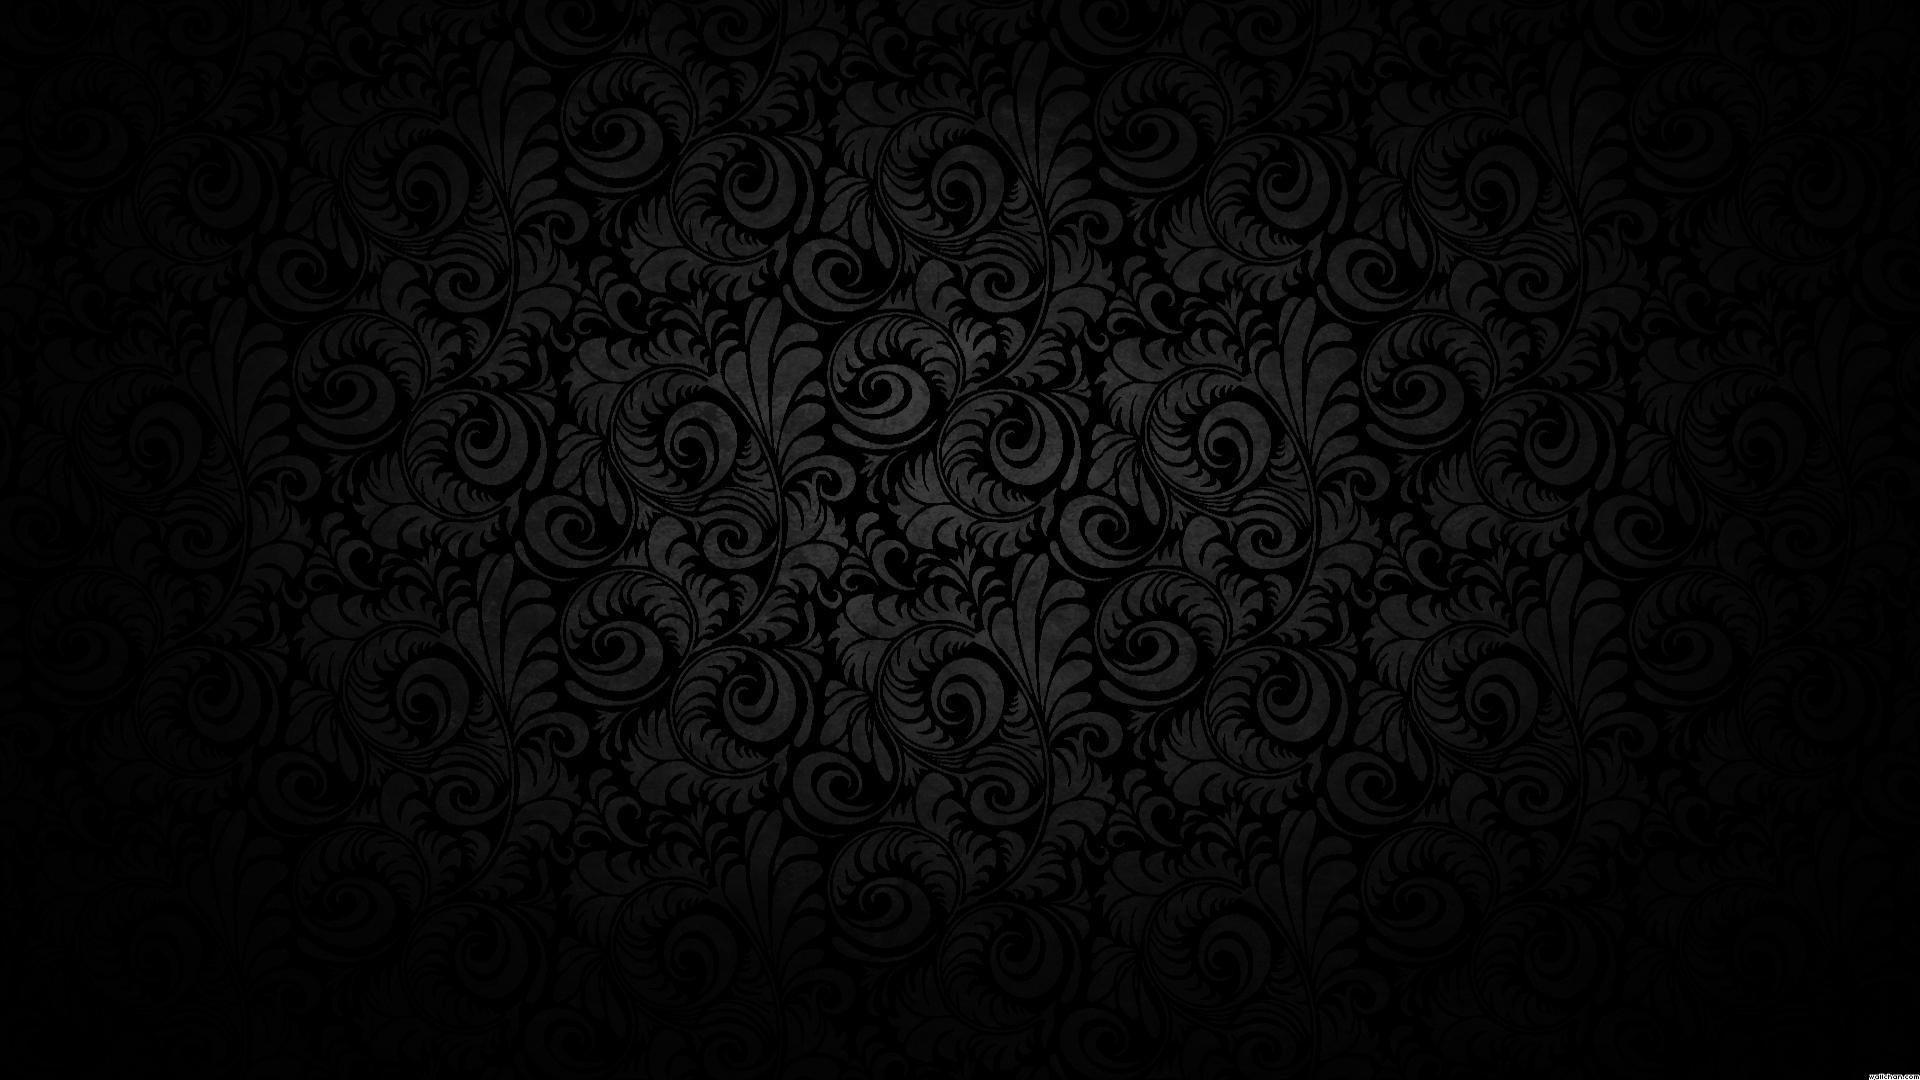 Black Keyboard Wallpaper   Background Wallpapers Wallike.